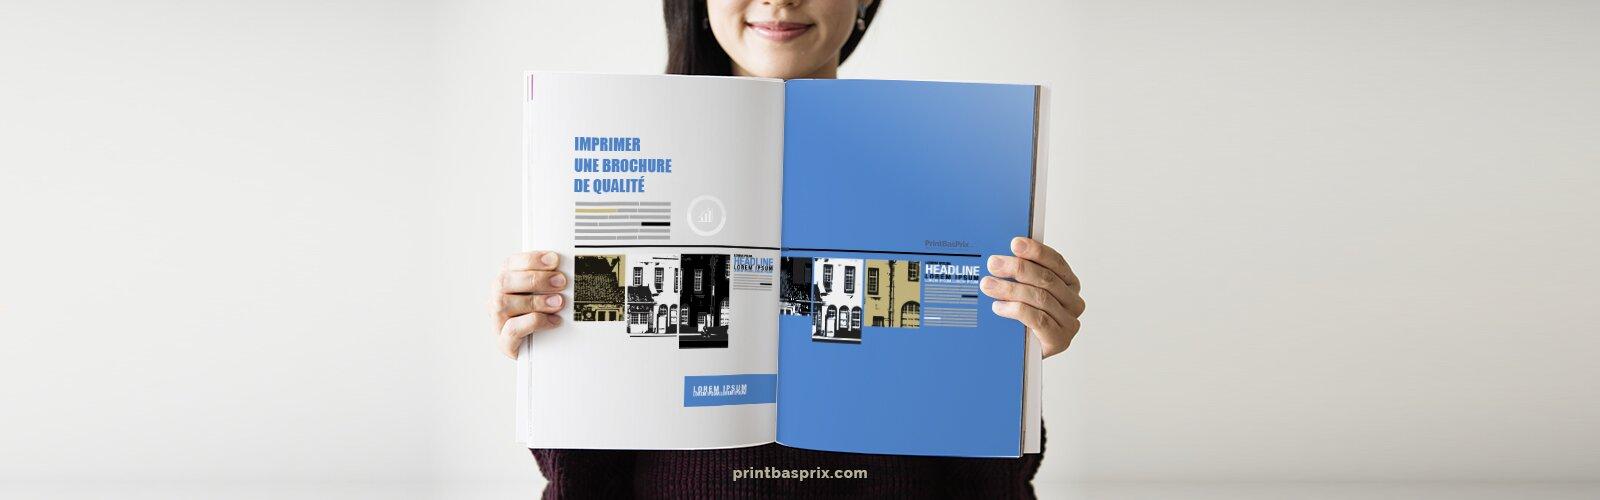 comment imprimer une brochure recto